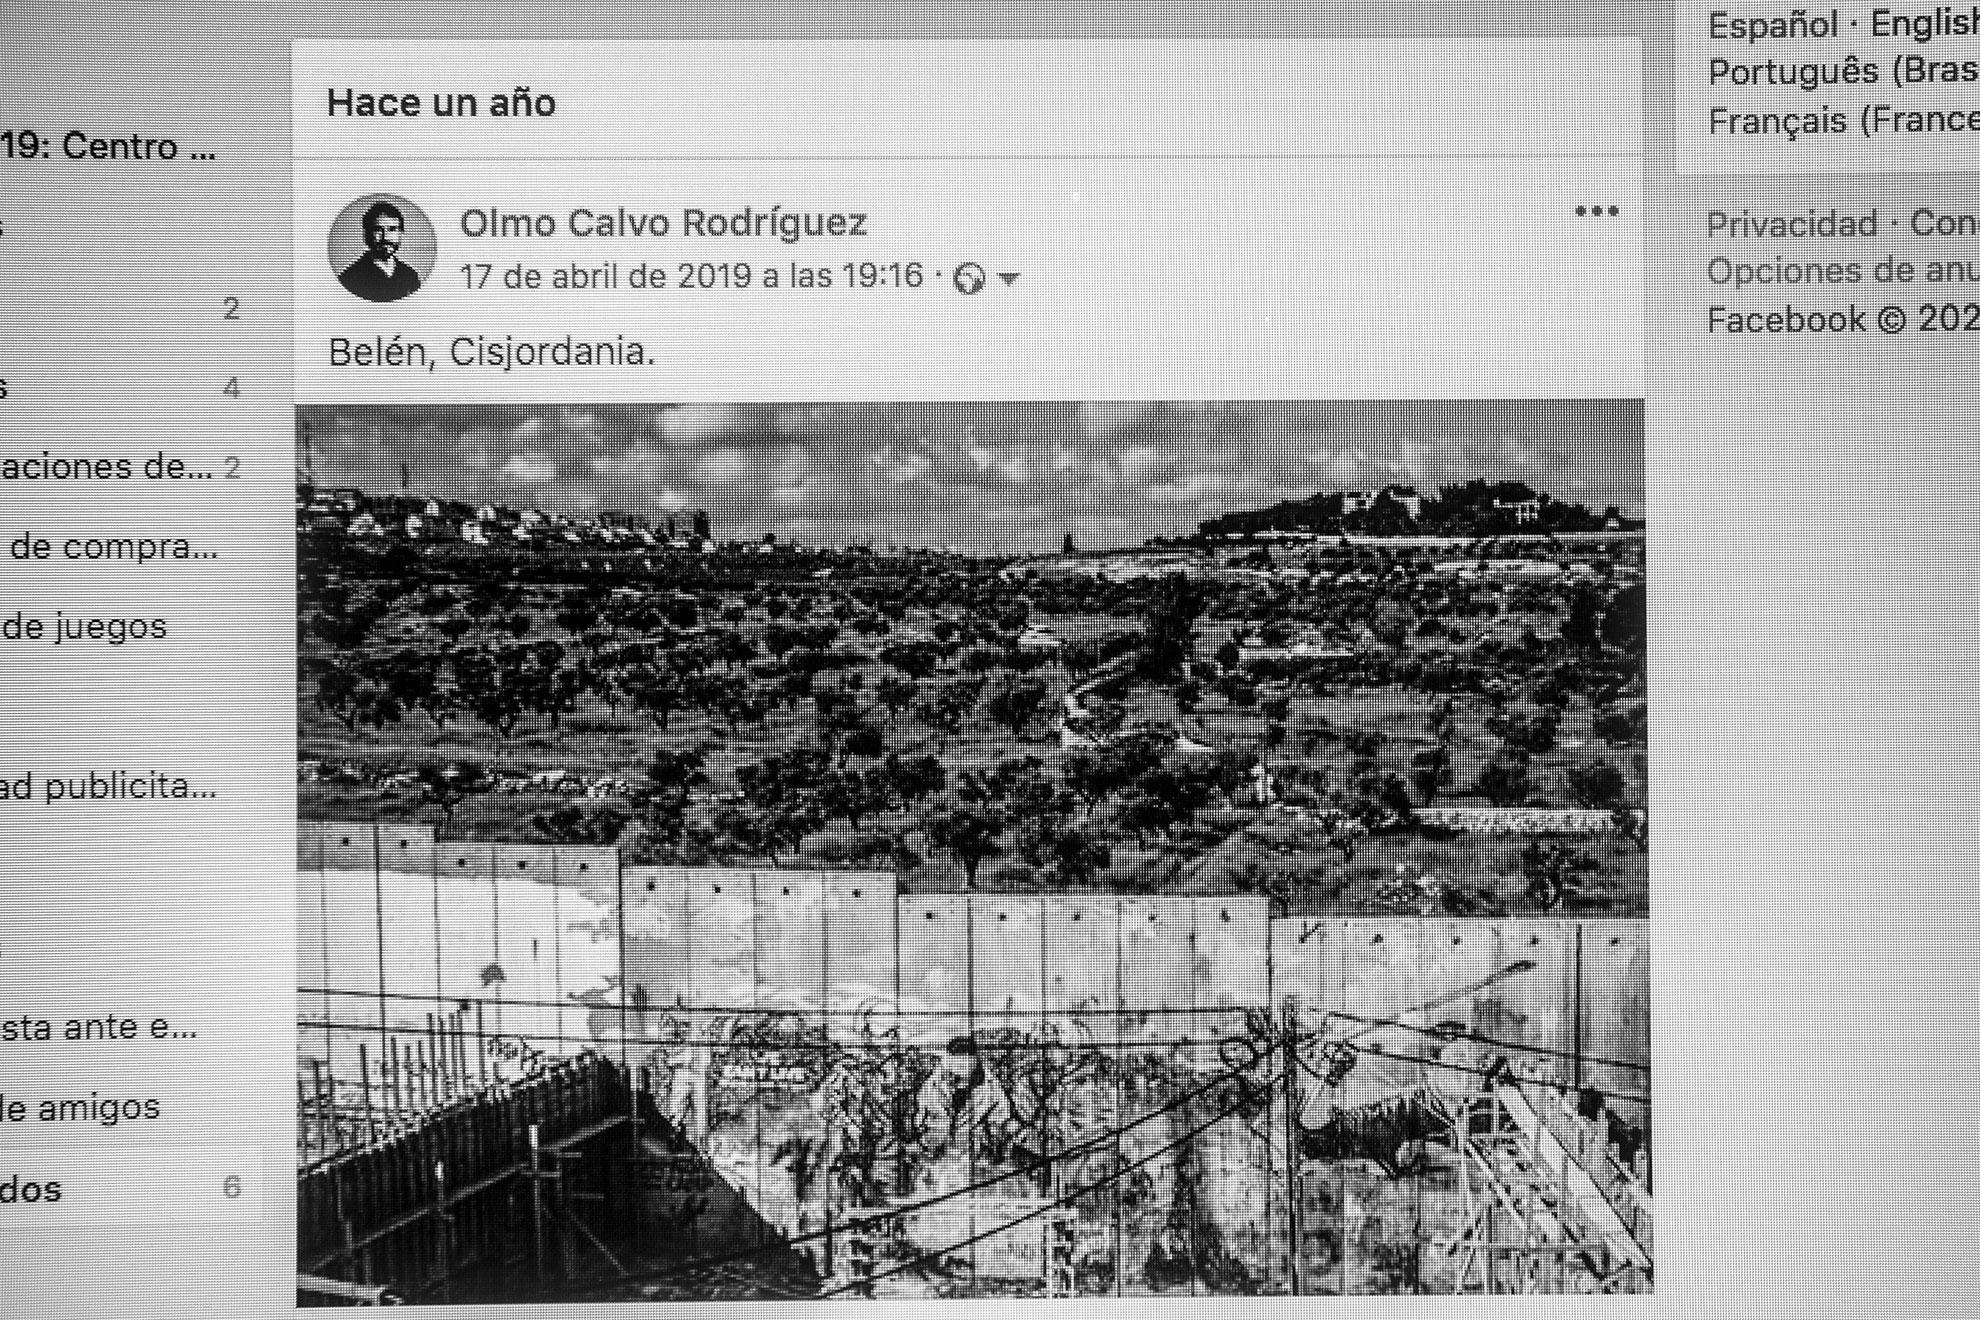 """Antes del confinamiento ignoraba casi por completo las notificaciones de las redes sociales que te recuerdan qué hacías hace un año, o dos, o tres, o los que fueran. Sin embargo, reconozco que ahora me gusta sentir ese pellizquito de nostalgia que te sitúa en los recuerdos como si de otra vida se tratara. Hace justo un año, Olmo y yo estábamos en Palestina, visitando a nuestra amiga Cristina corresponsal allí y conociendo uno de los lugares más castigados del planeta. Nos lo recuerda Facebook con una foto que tomó Olmo desde el campo de refugiados de Aida (en Belén) en la que se puede ver cómo se impone el muro israelí: máxima expresión de la vergüenza, el apartheid, la ocupación y la violencia hacia el pueblo palestino. Un pueblo que, pese a tantas injusticias, sigue en pie porque, como ellos mismos dicen, """"Existir es resistir""""."""